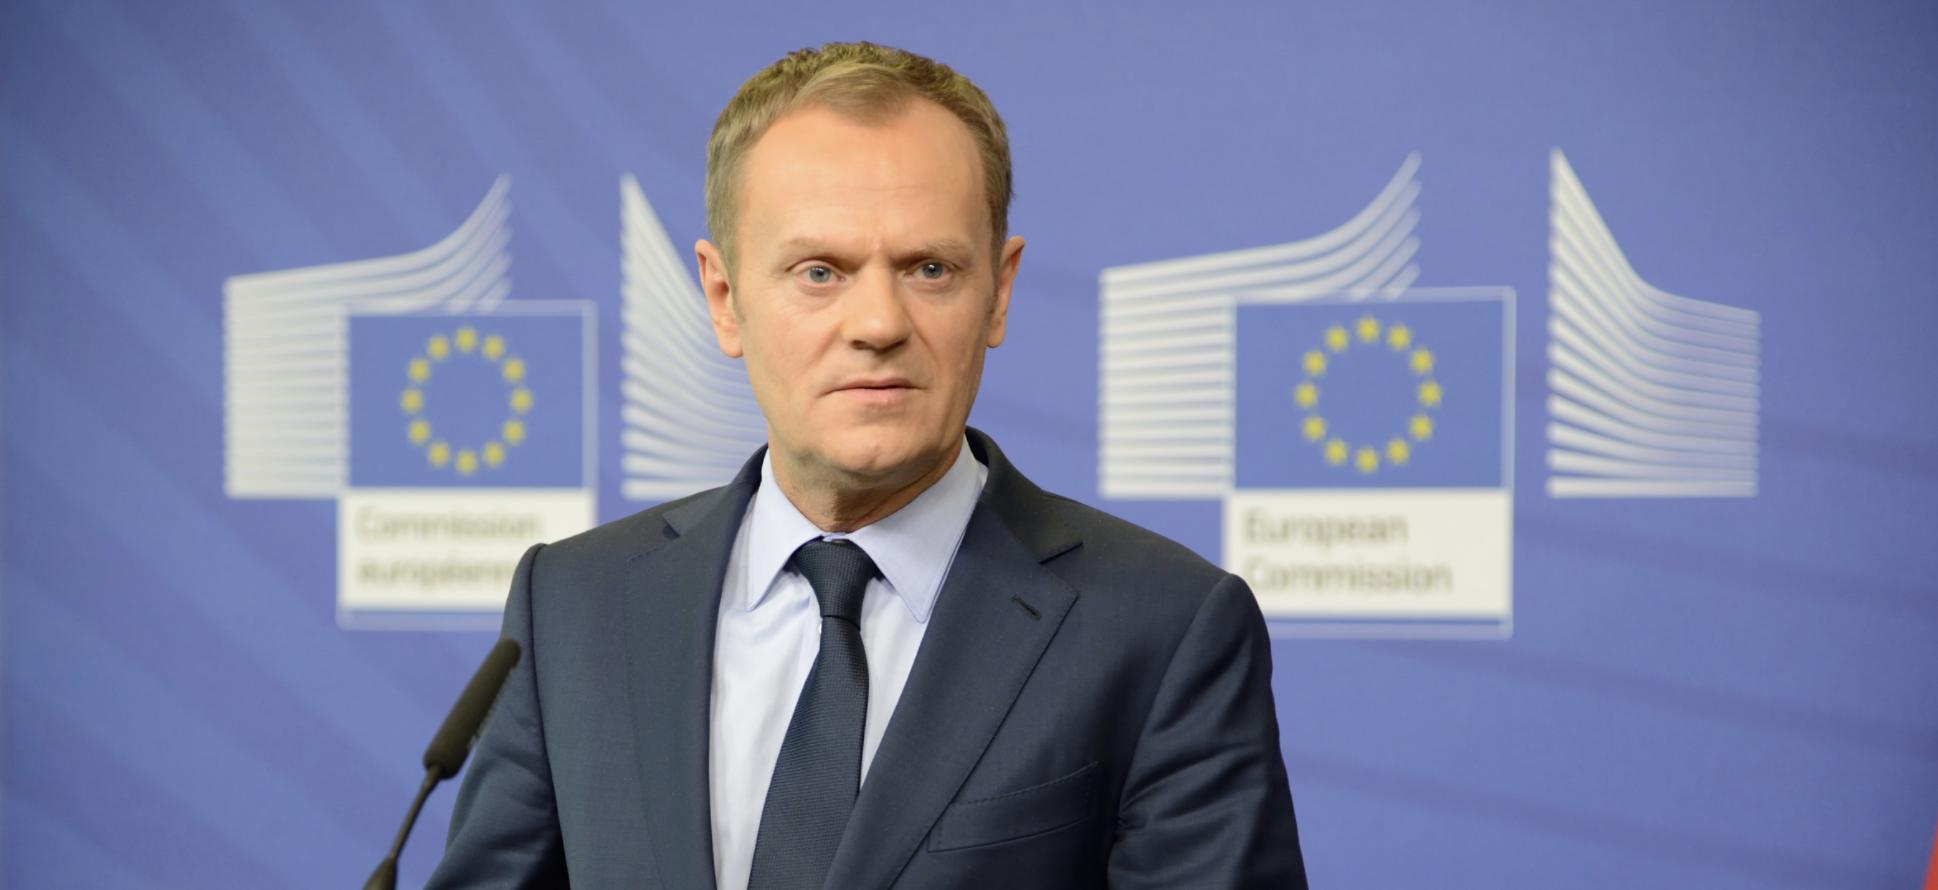 Євросоюз відзначив прогрес України у впровадженні системних реформ